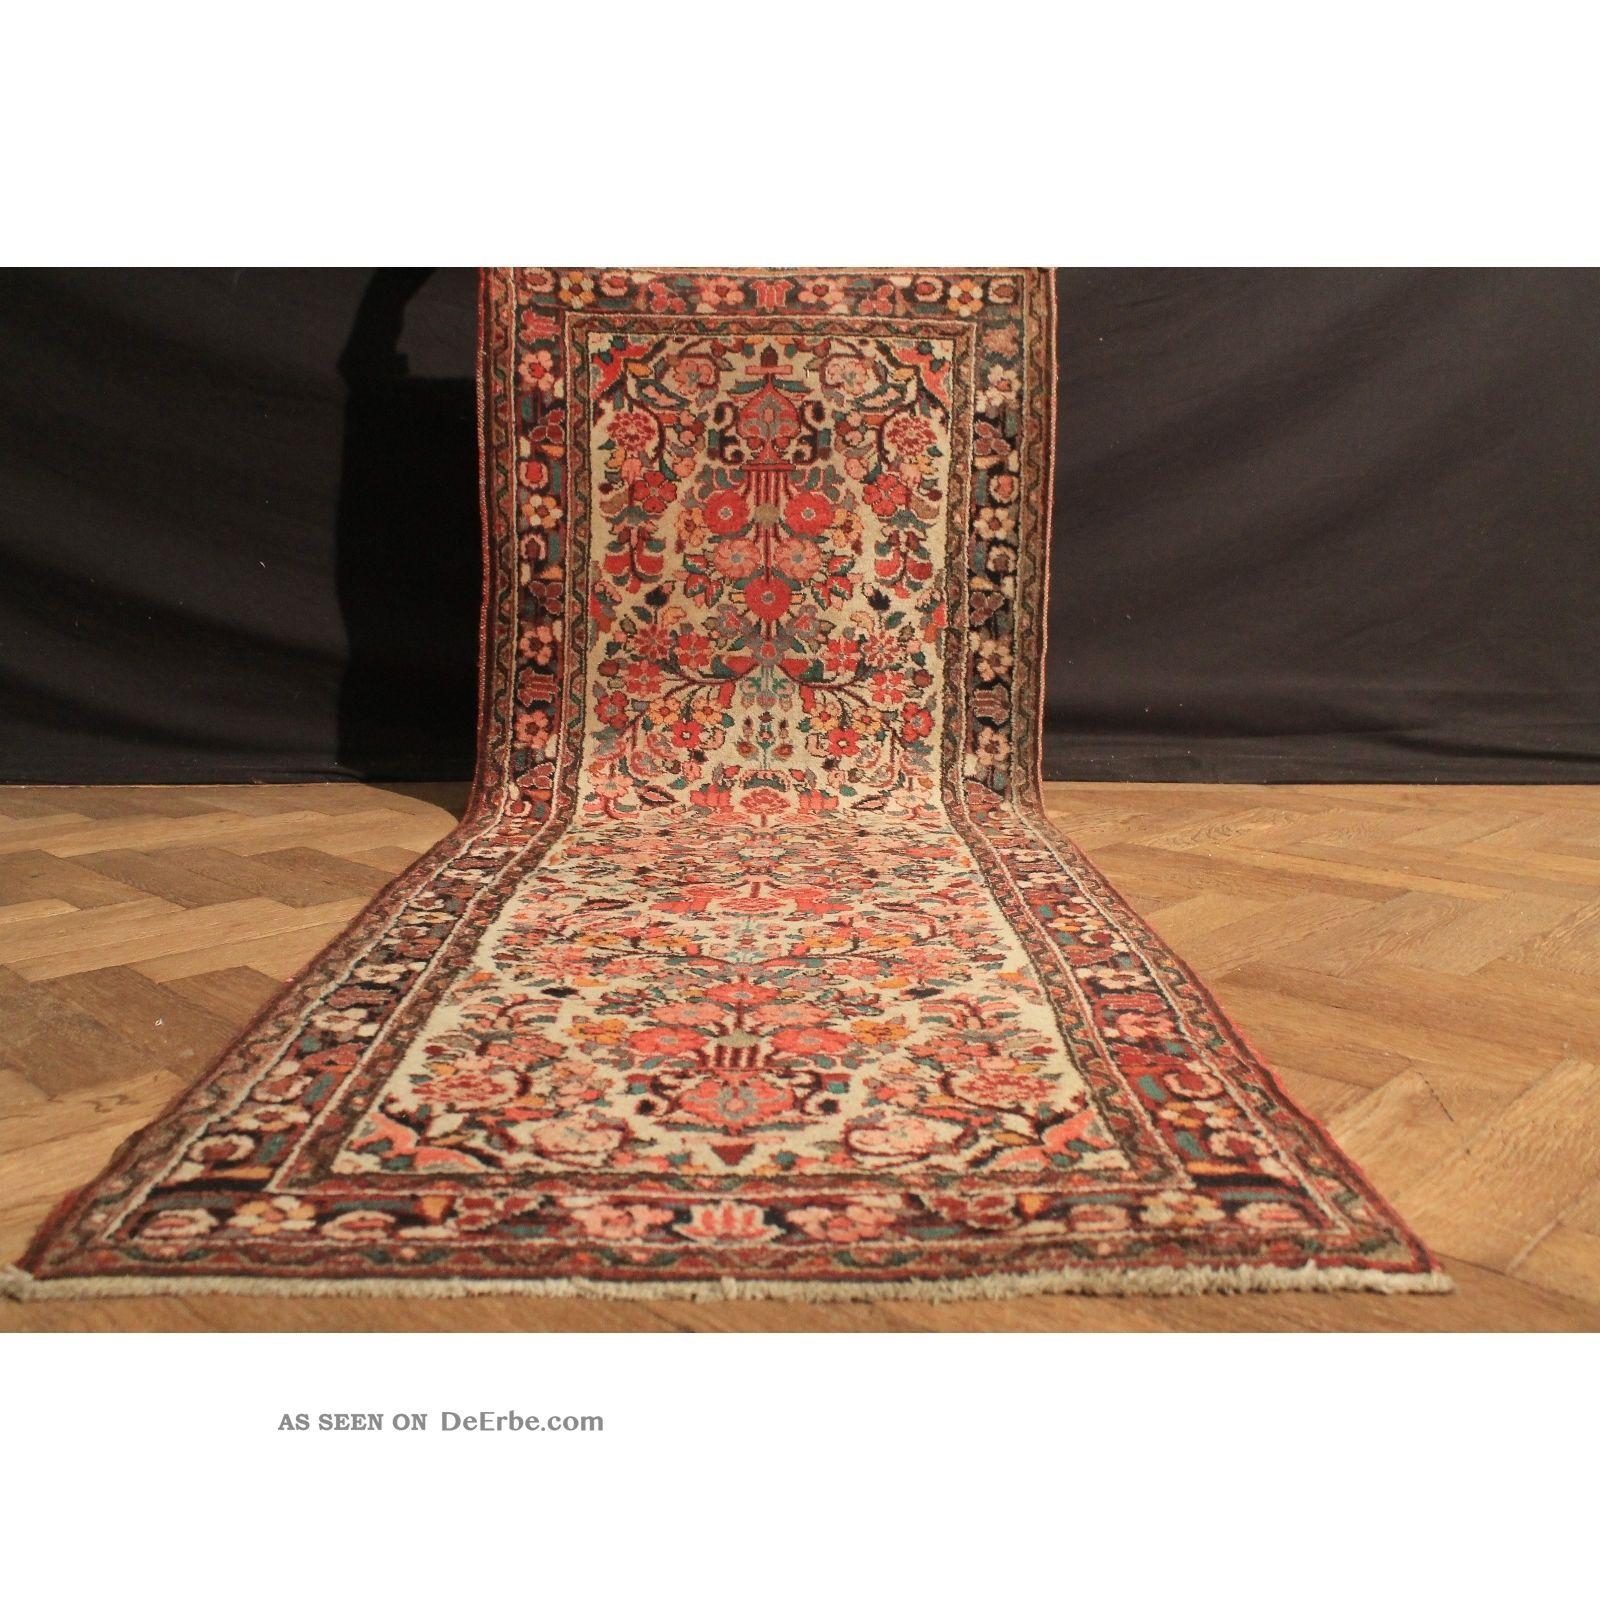 Alter Handgeknüpfter Orient Blumen Teppich Sa Rug Läufer Carpet Tappeto 220x83cm Teppiche & Flachgewebe Bild